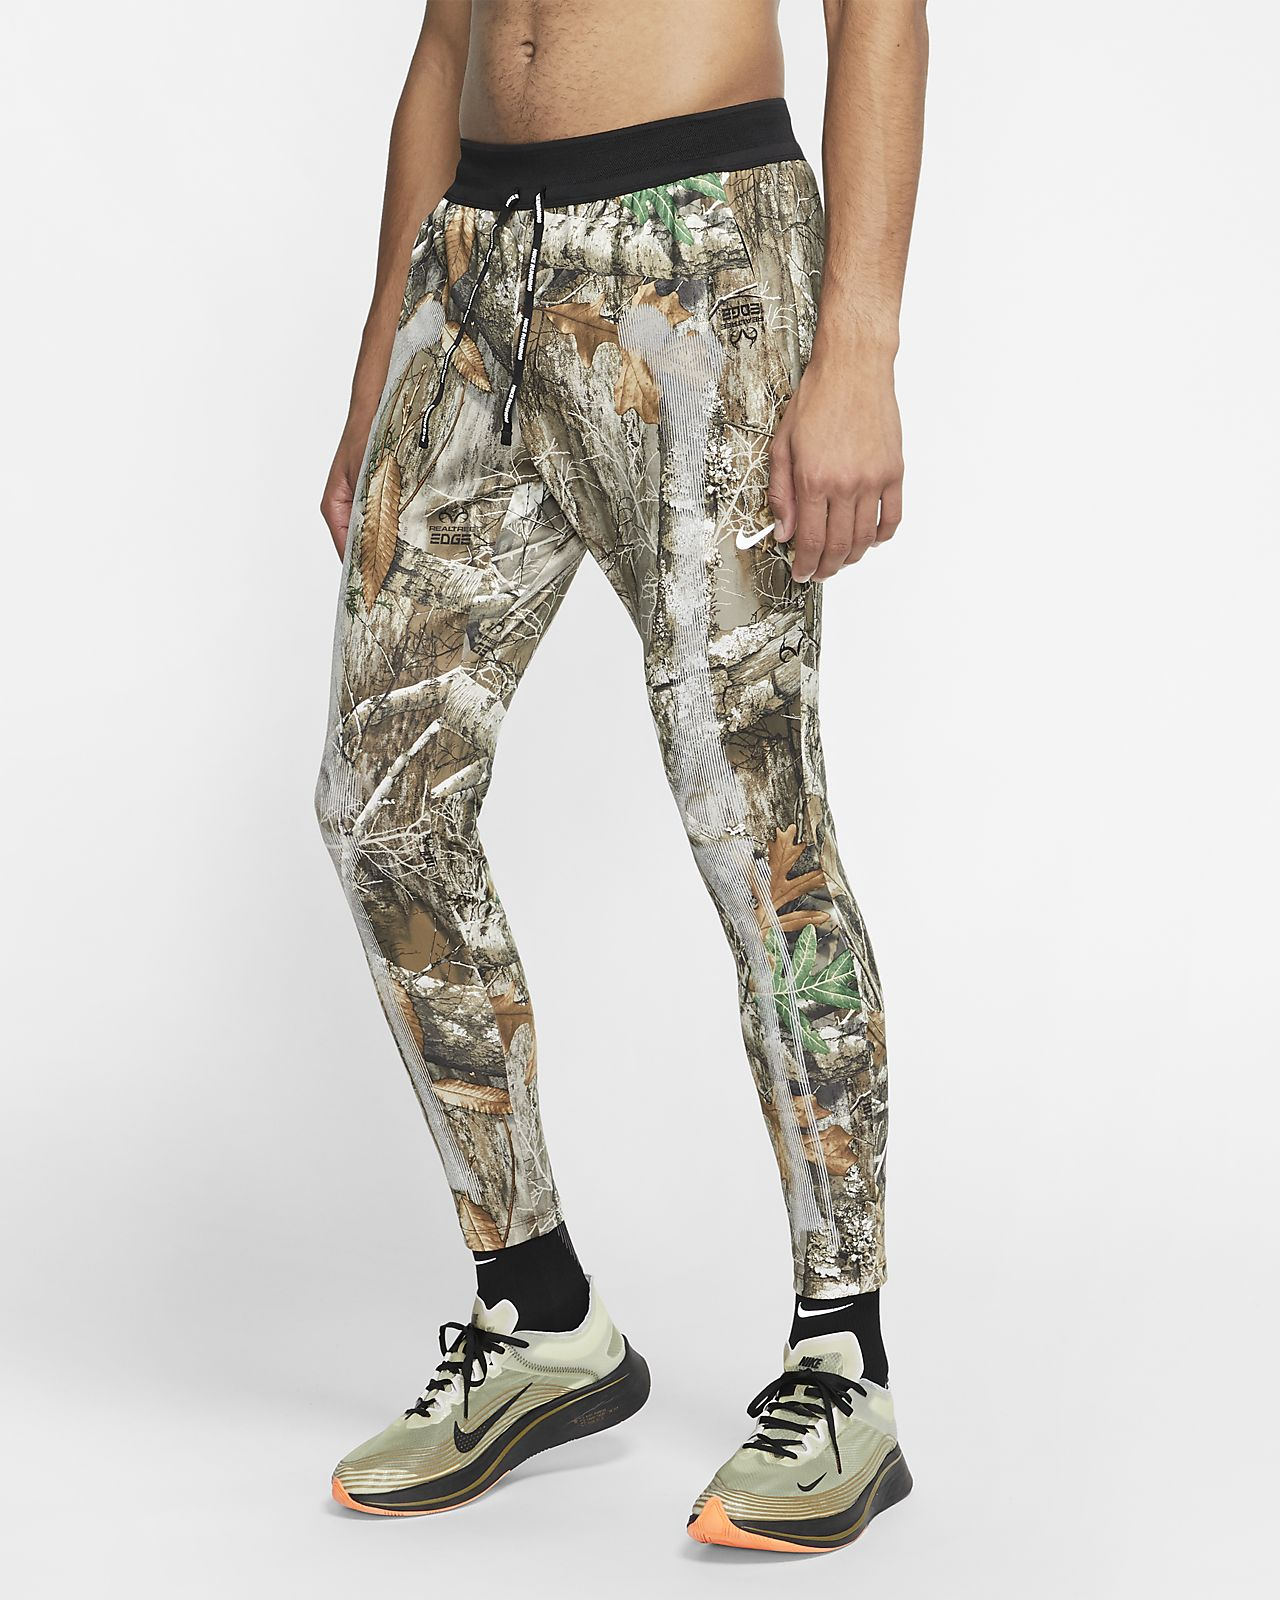 Byxor Nike Skeleton för män